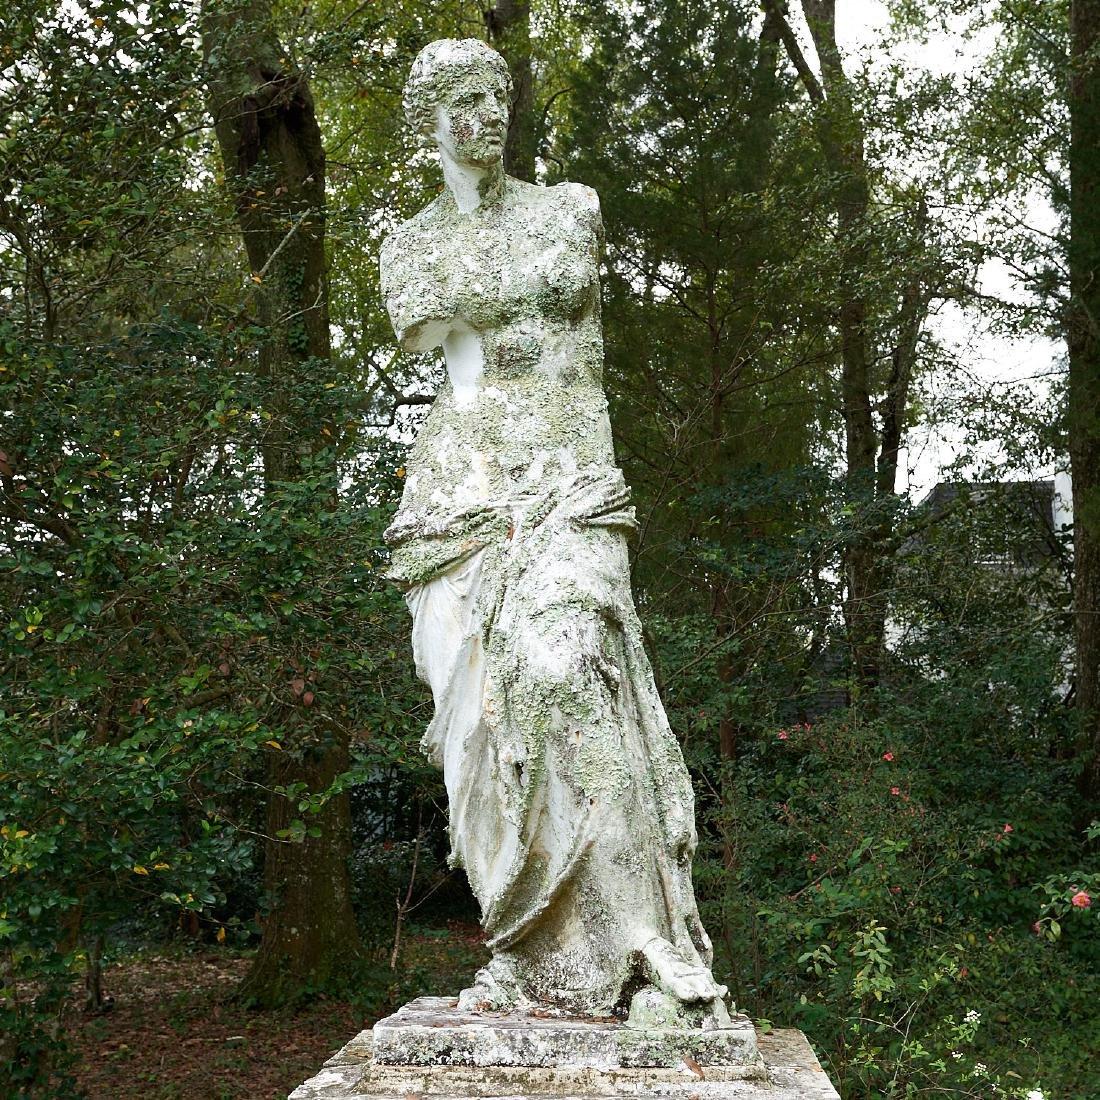 Life-size antique cast iron garden figure